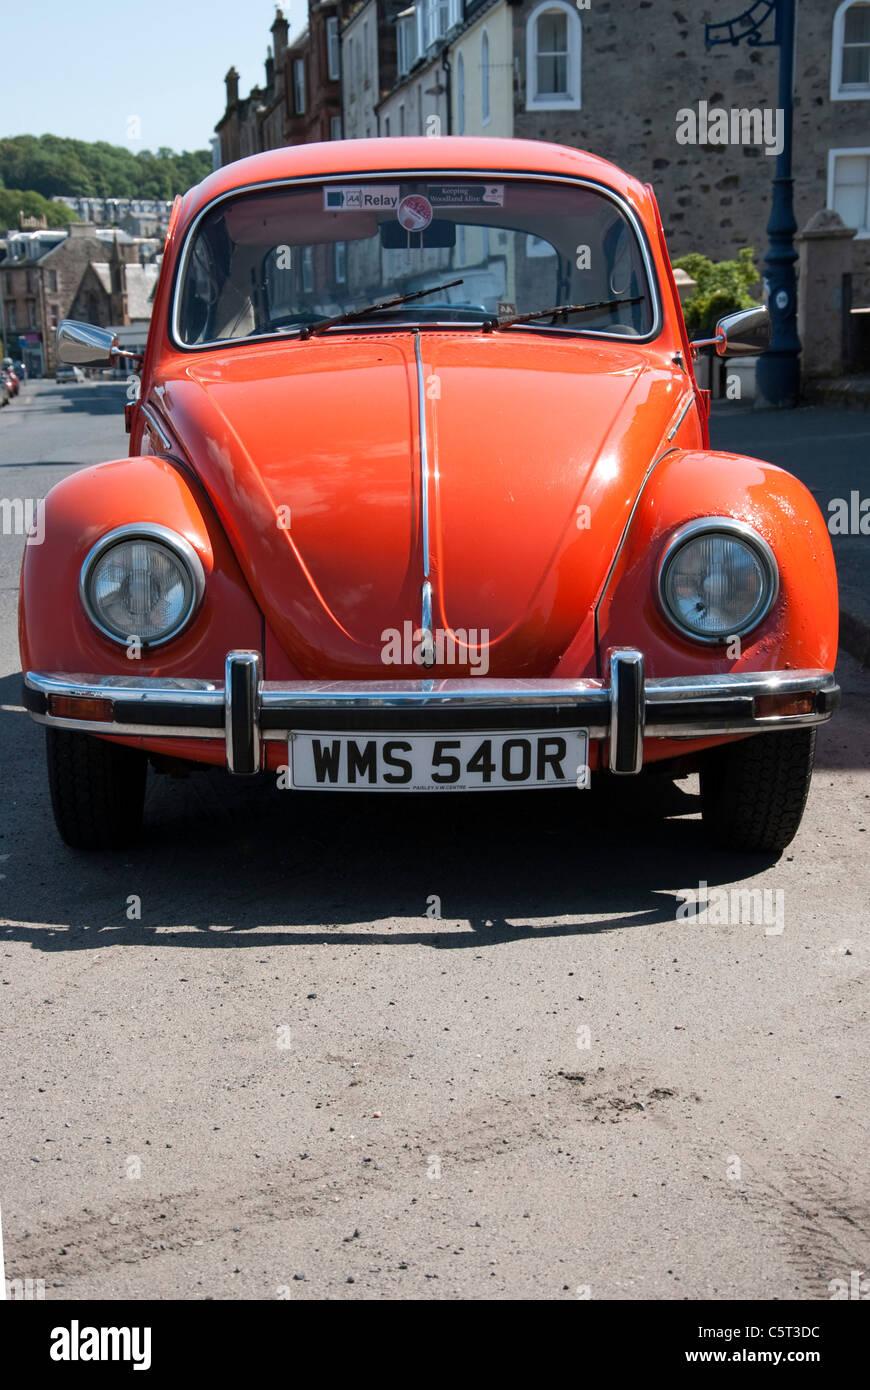 1977 Model Orange Volkswagen Beetle Motor Car Stock Photo